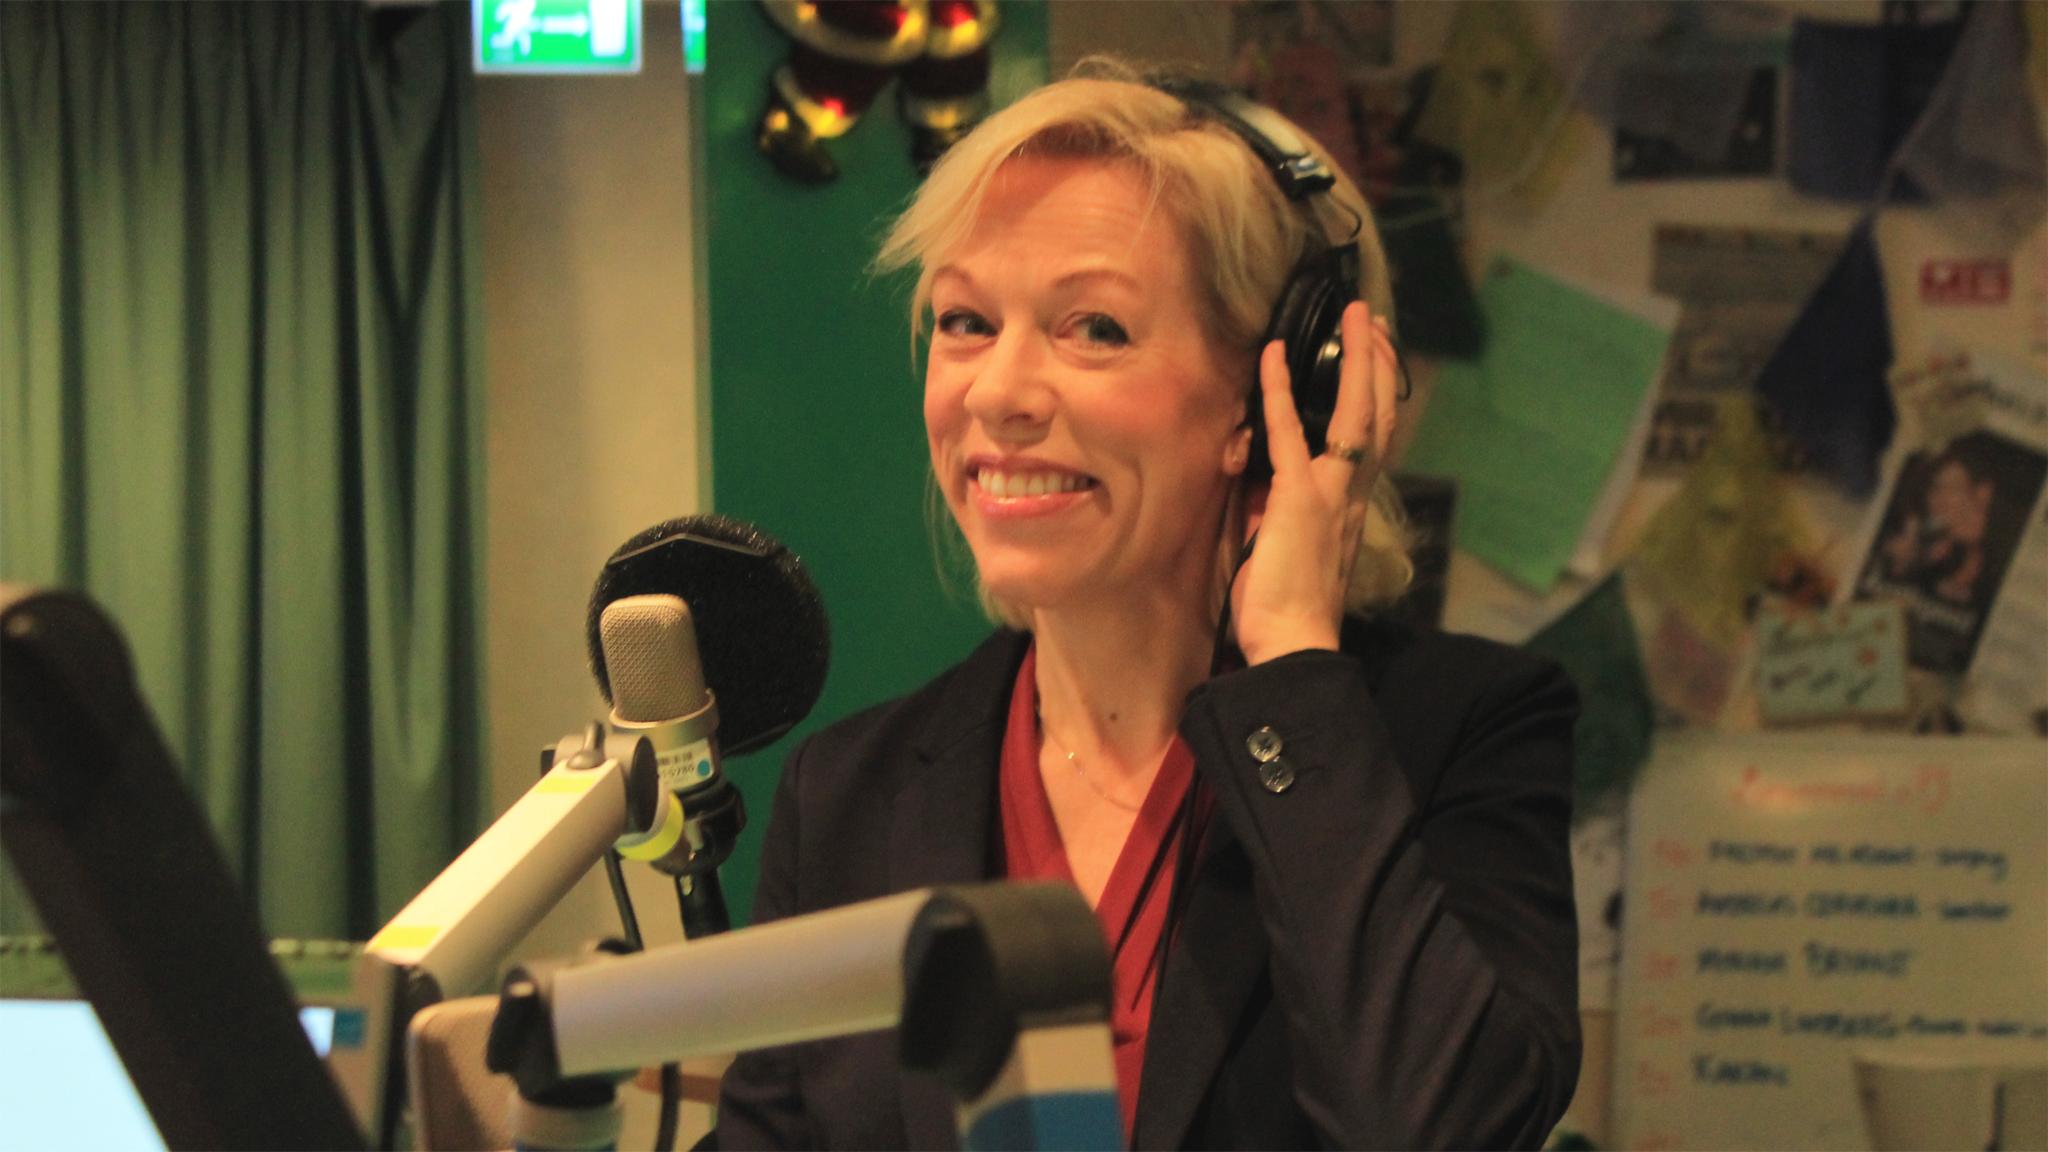 Allt om presidentinstallationer med Ginna Lindberg